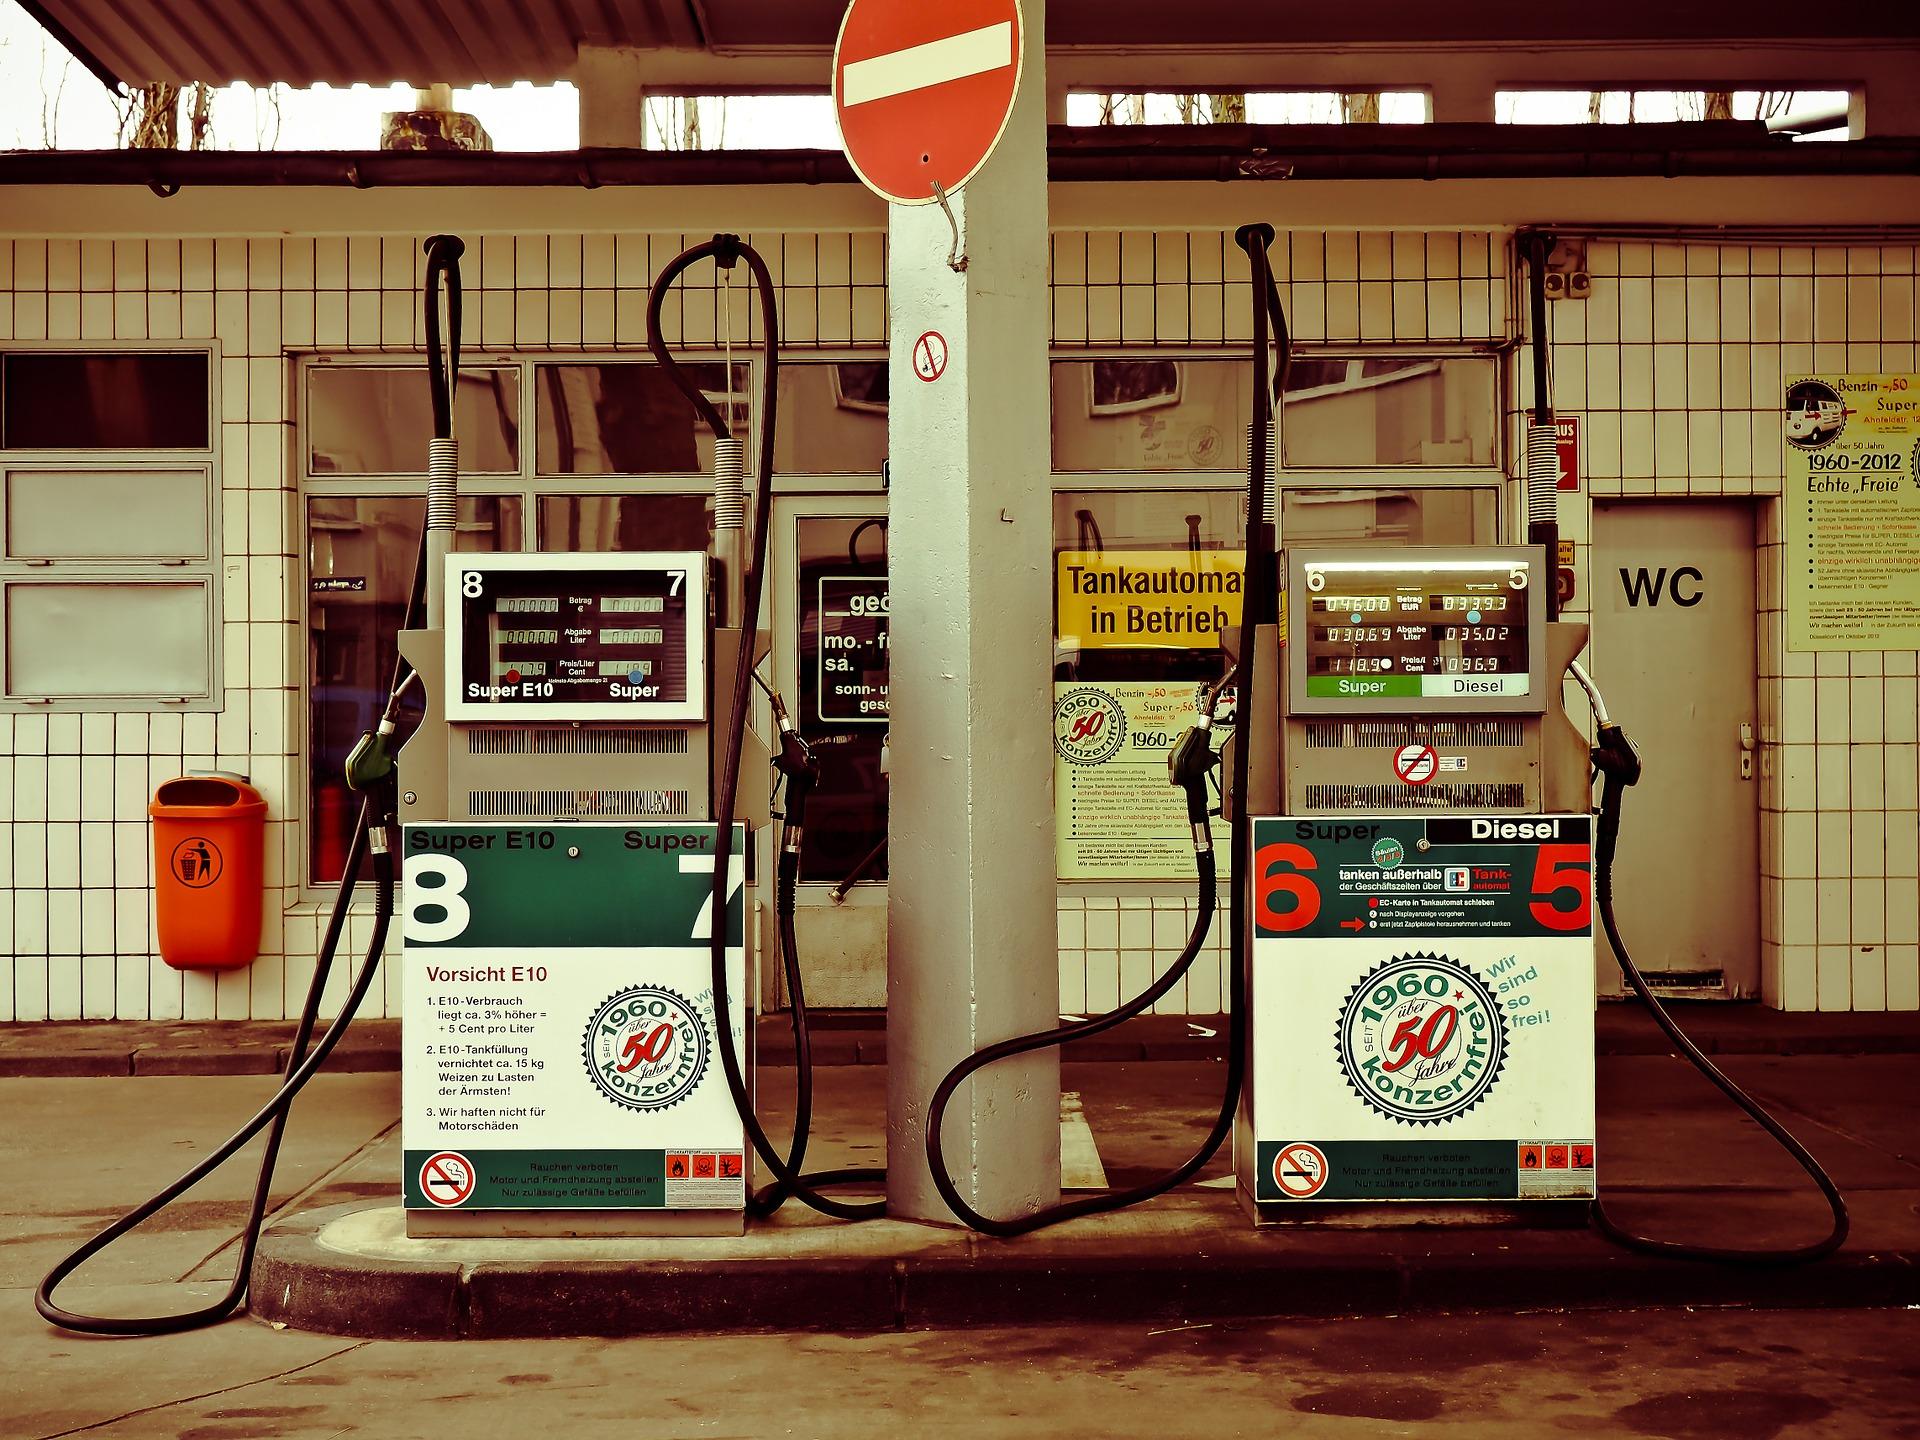 Steigene Benzinpreise in Sicht?